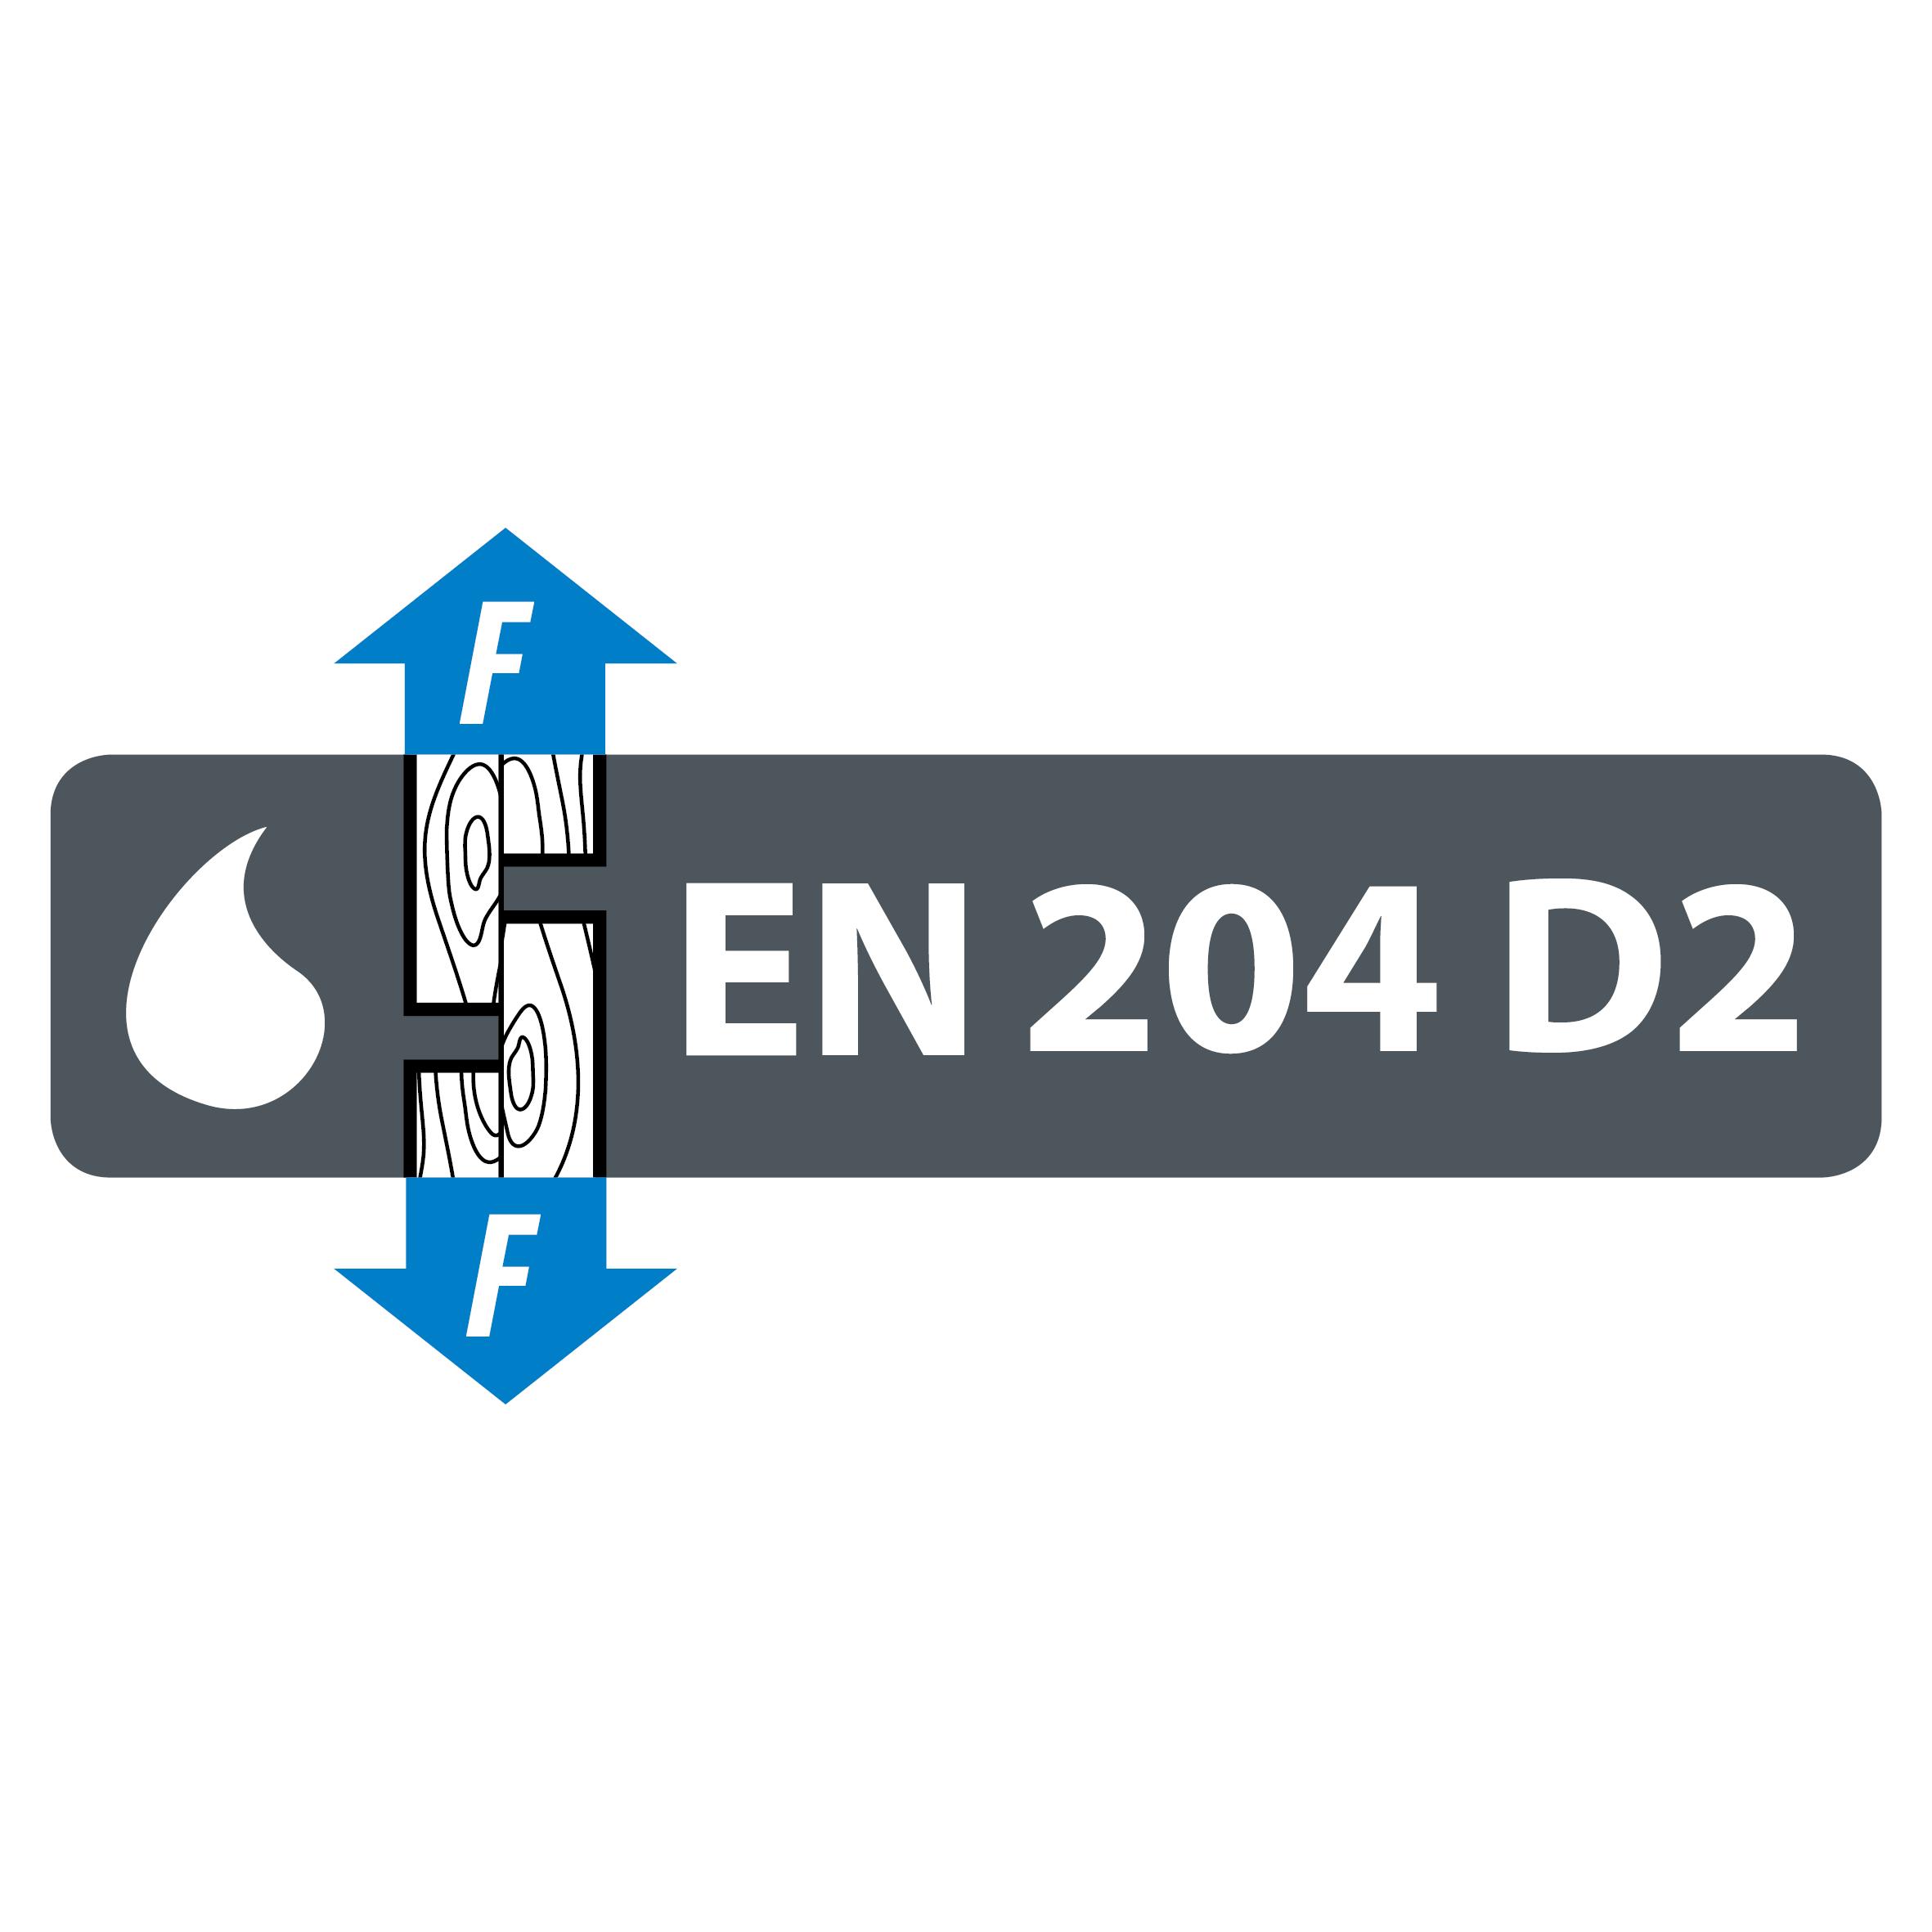 EN 204 D2 water resistance classification